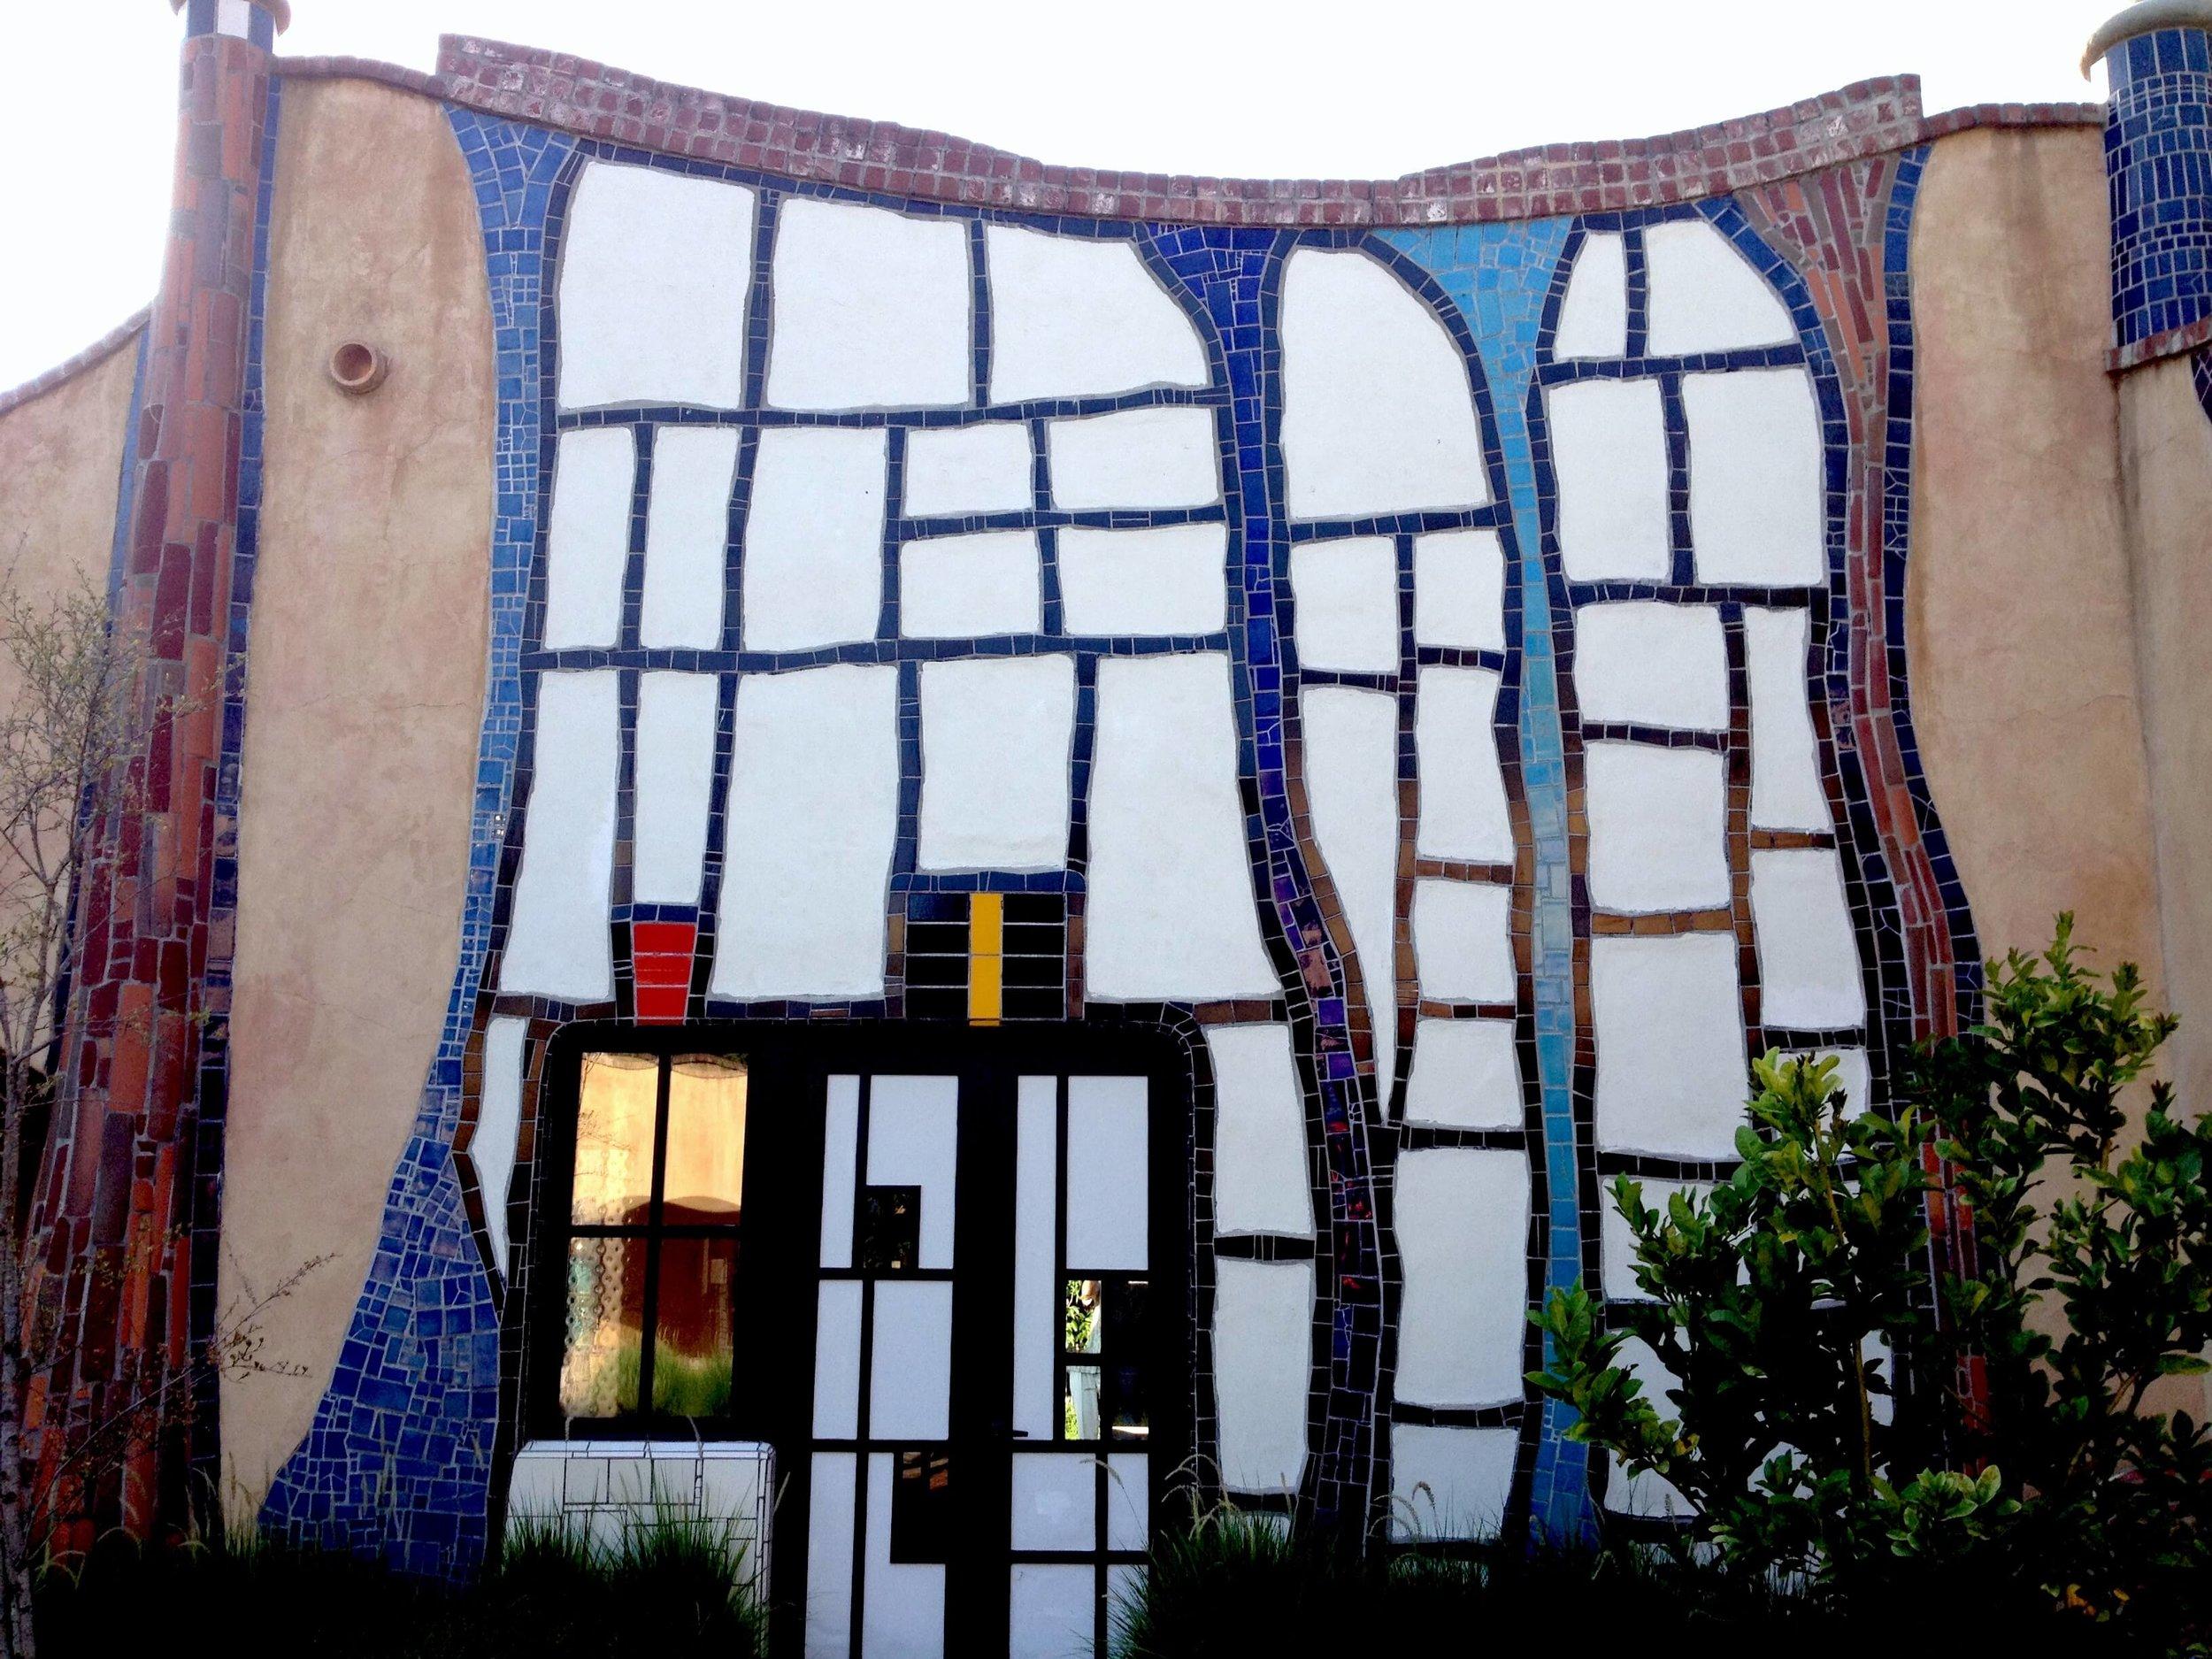 Design work of Hundertwasser at Quixote Winery